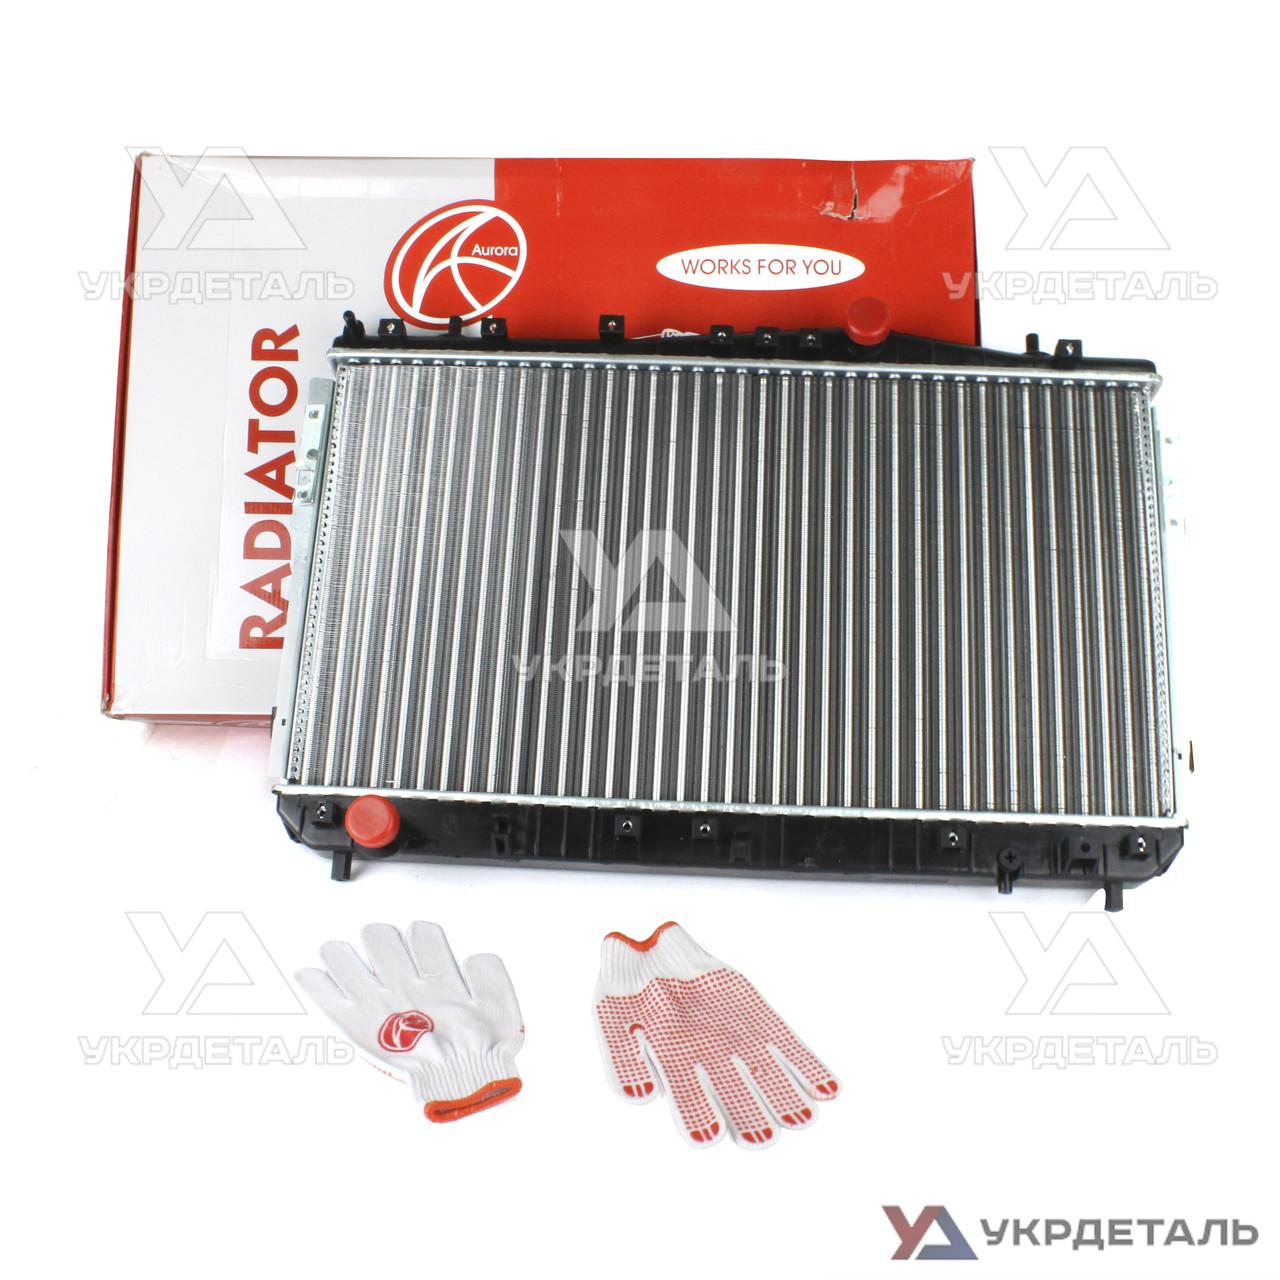 Радиатор охлаждения Шевроле Лачетти 1.6, 1.8 16V MT (до 2008 г) / Chevrolet Lacetti | (AURORA) Польша